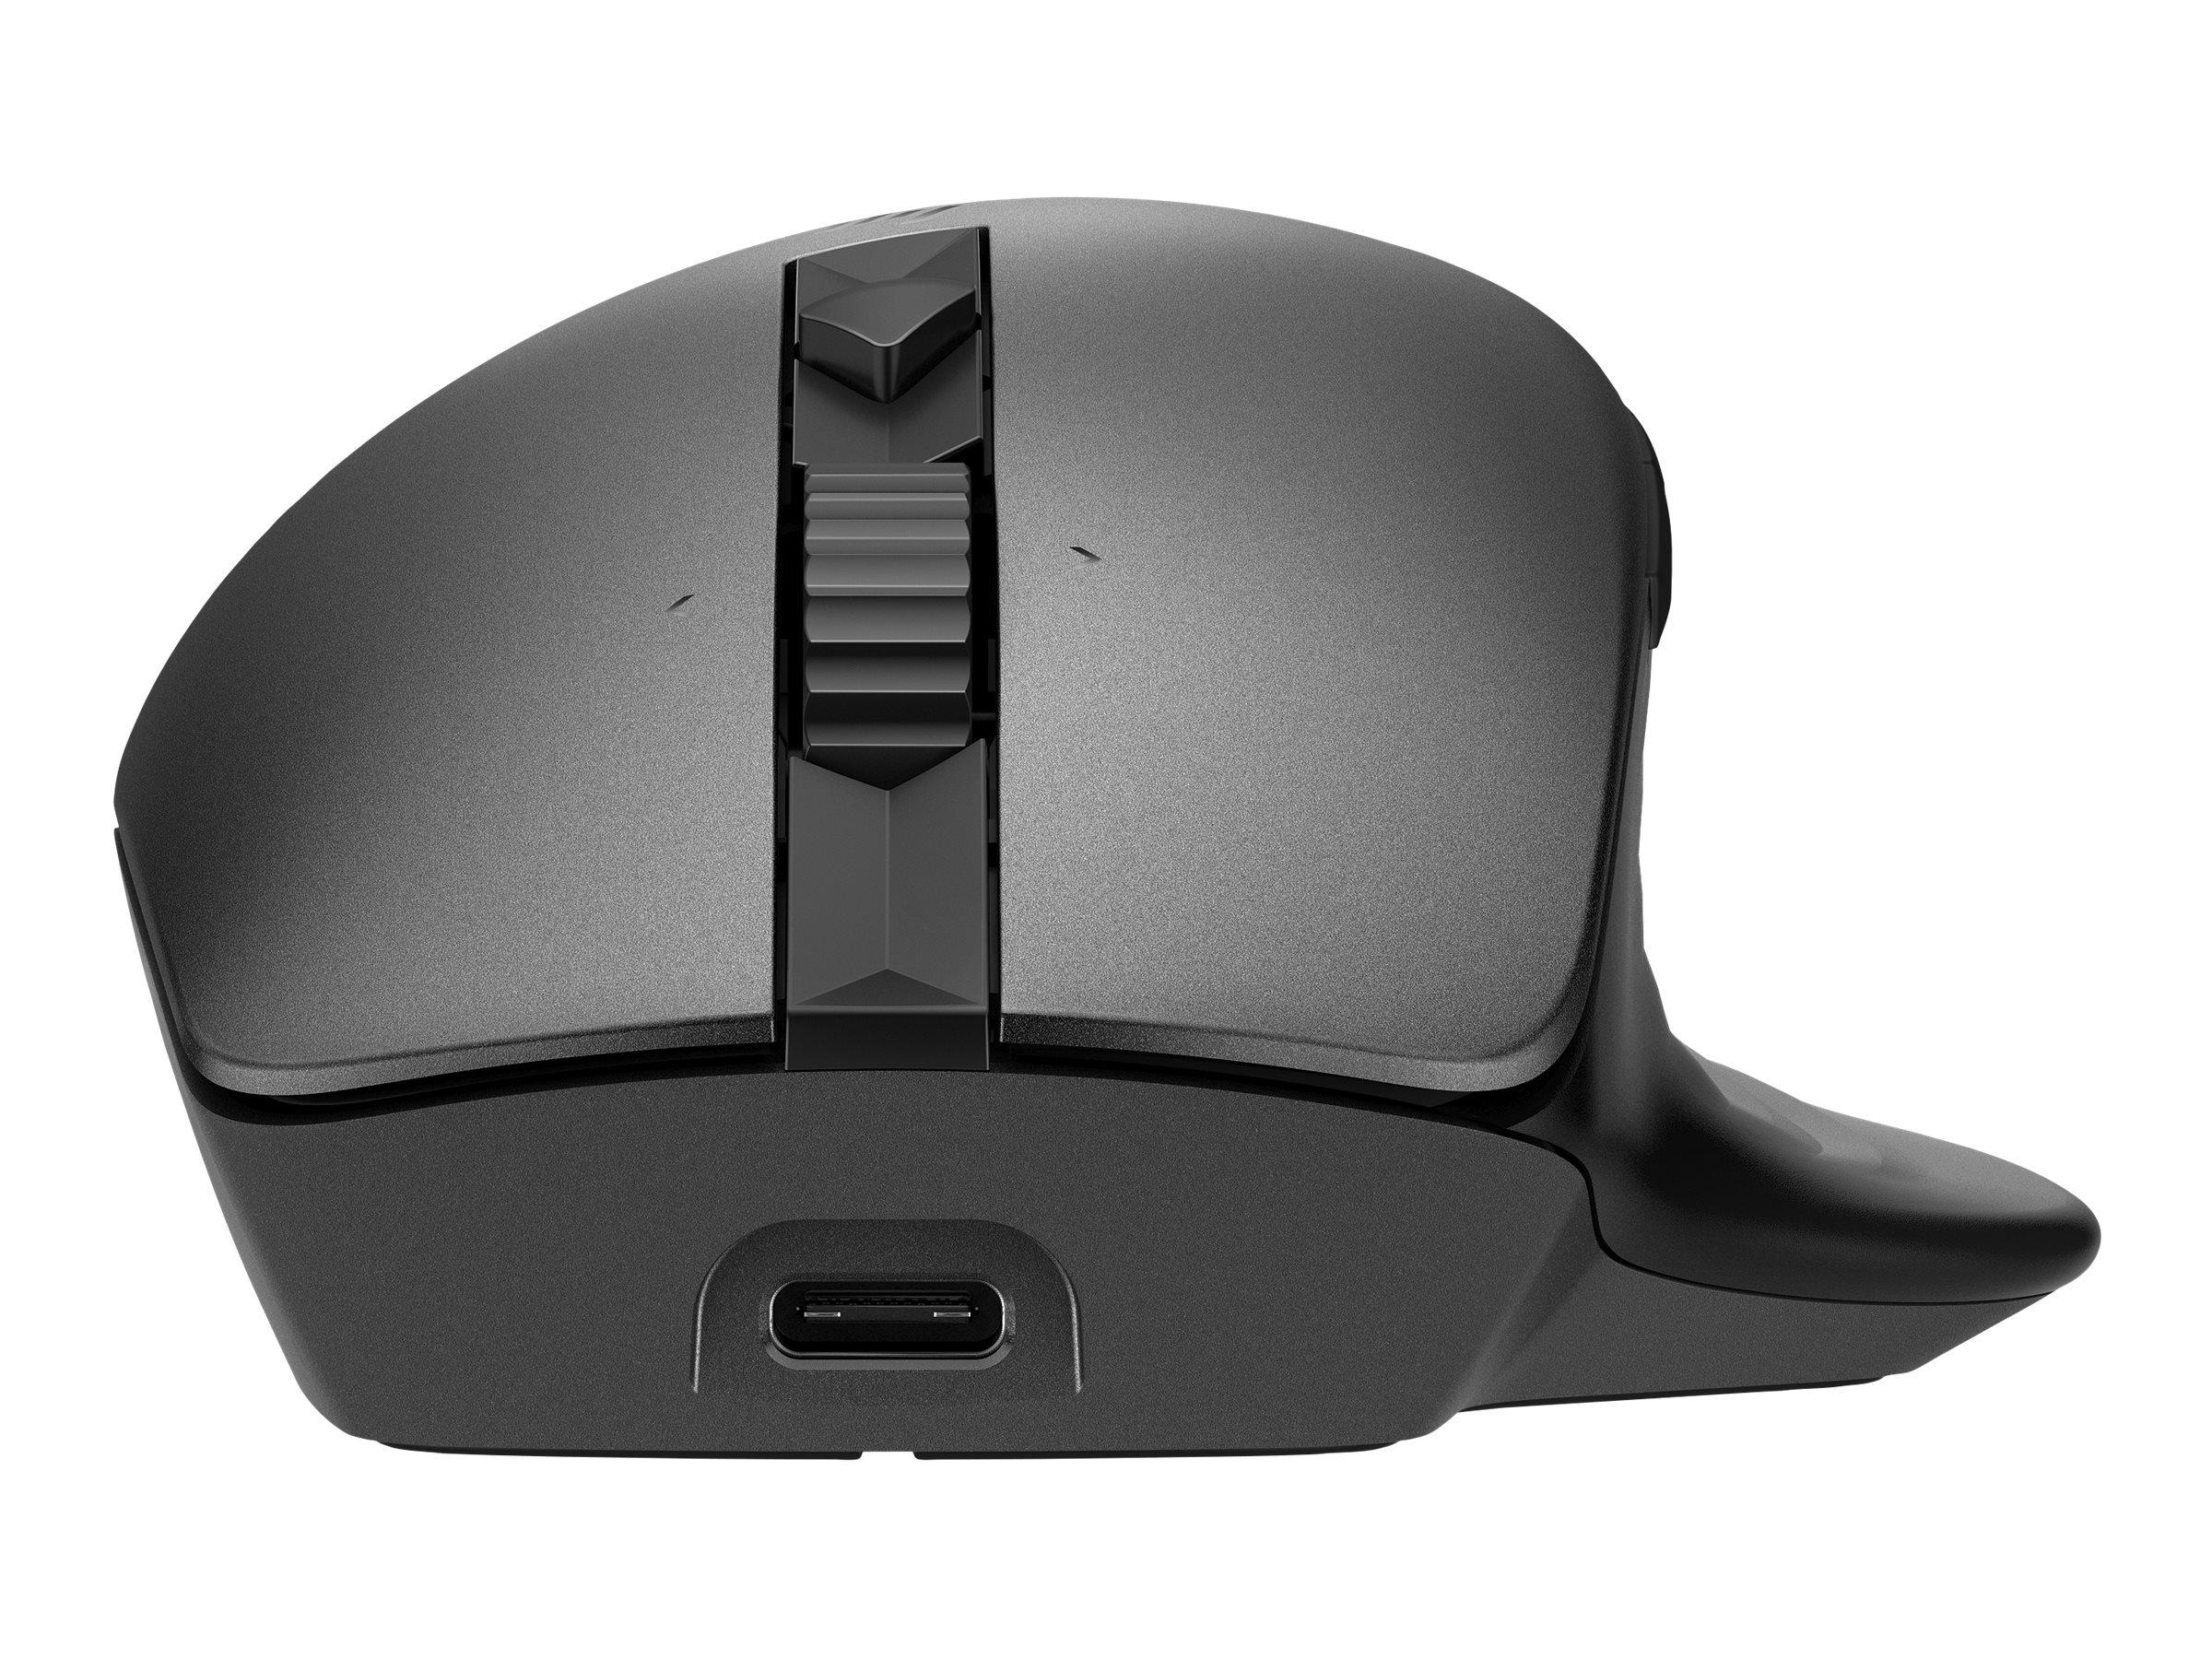 HP Creator 935 - Maus - kabellos - Schwarz - für Elite x2